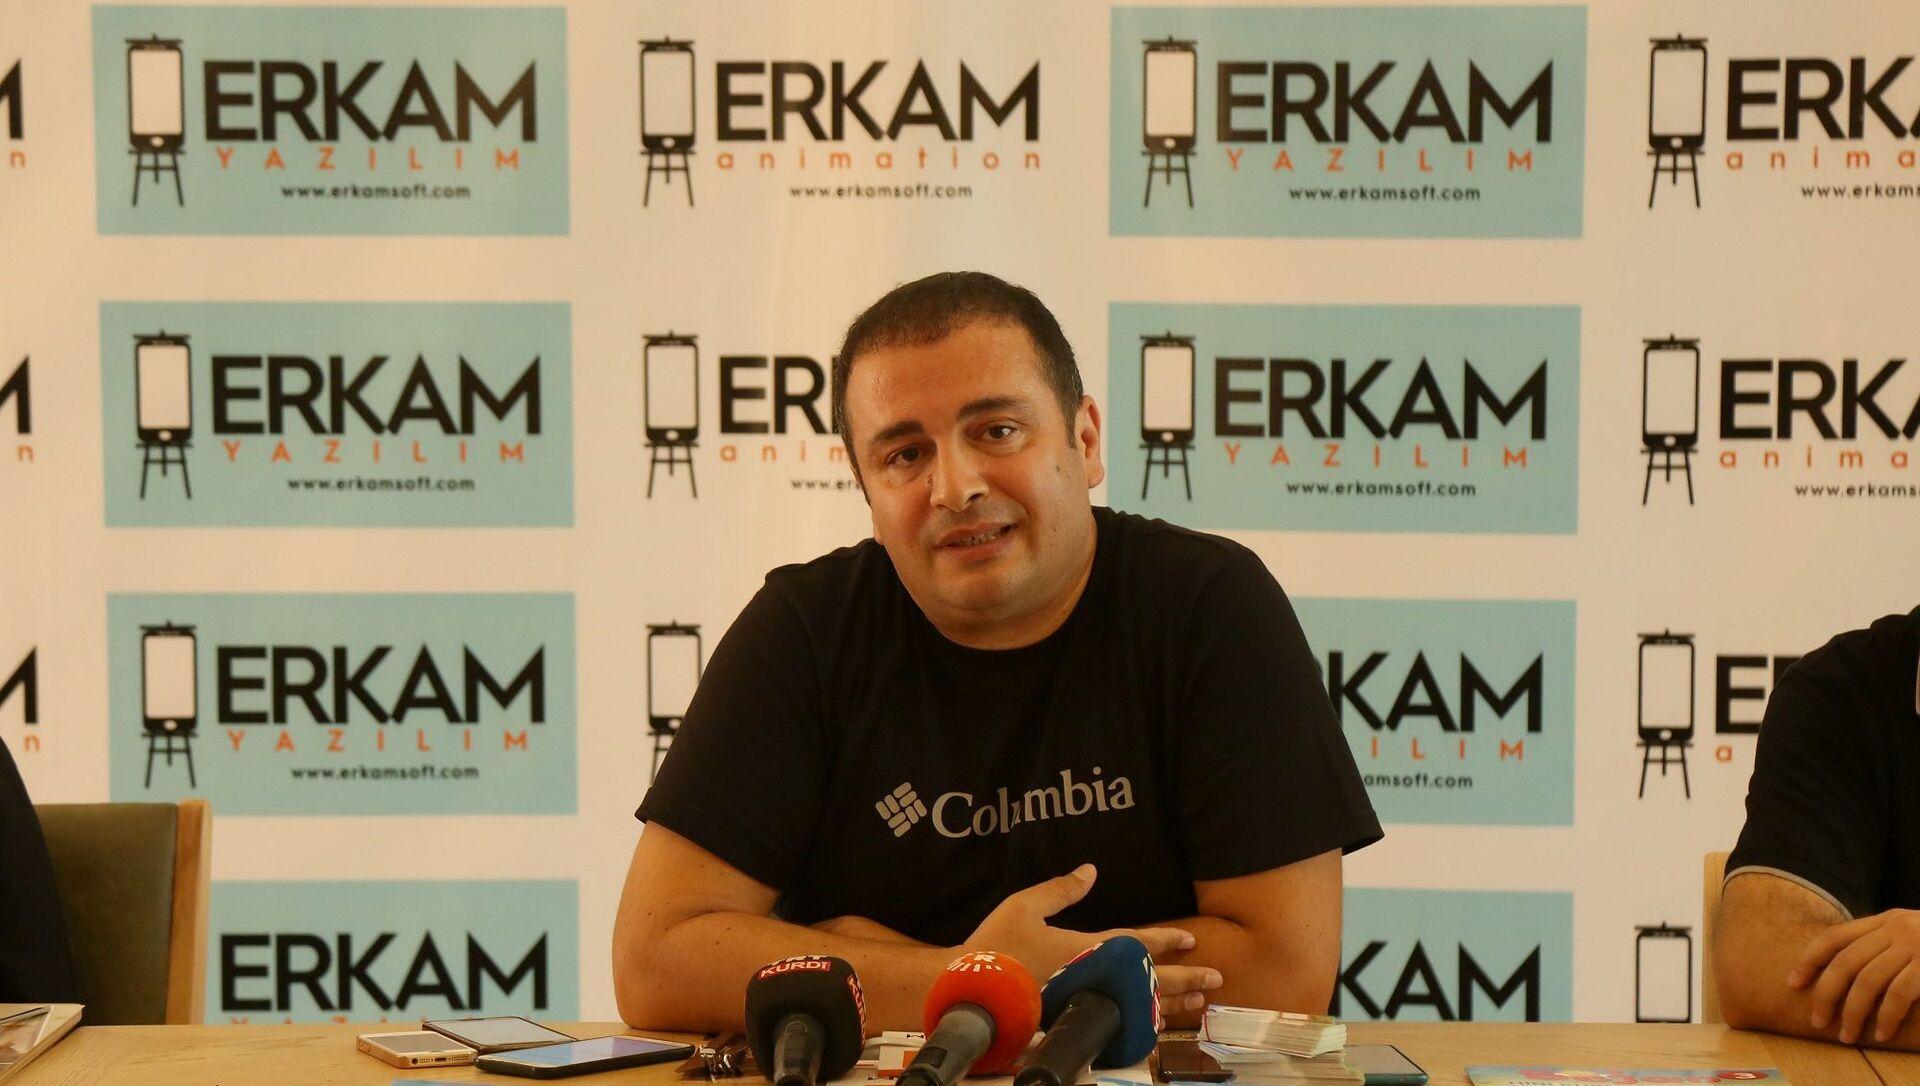 Erkam Yazılım'ın CEO'su Behmen Doğu - Sputnik Türkiye, 1920, 07.04.2021